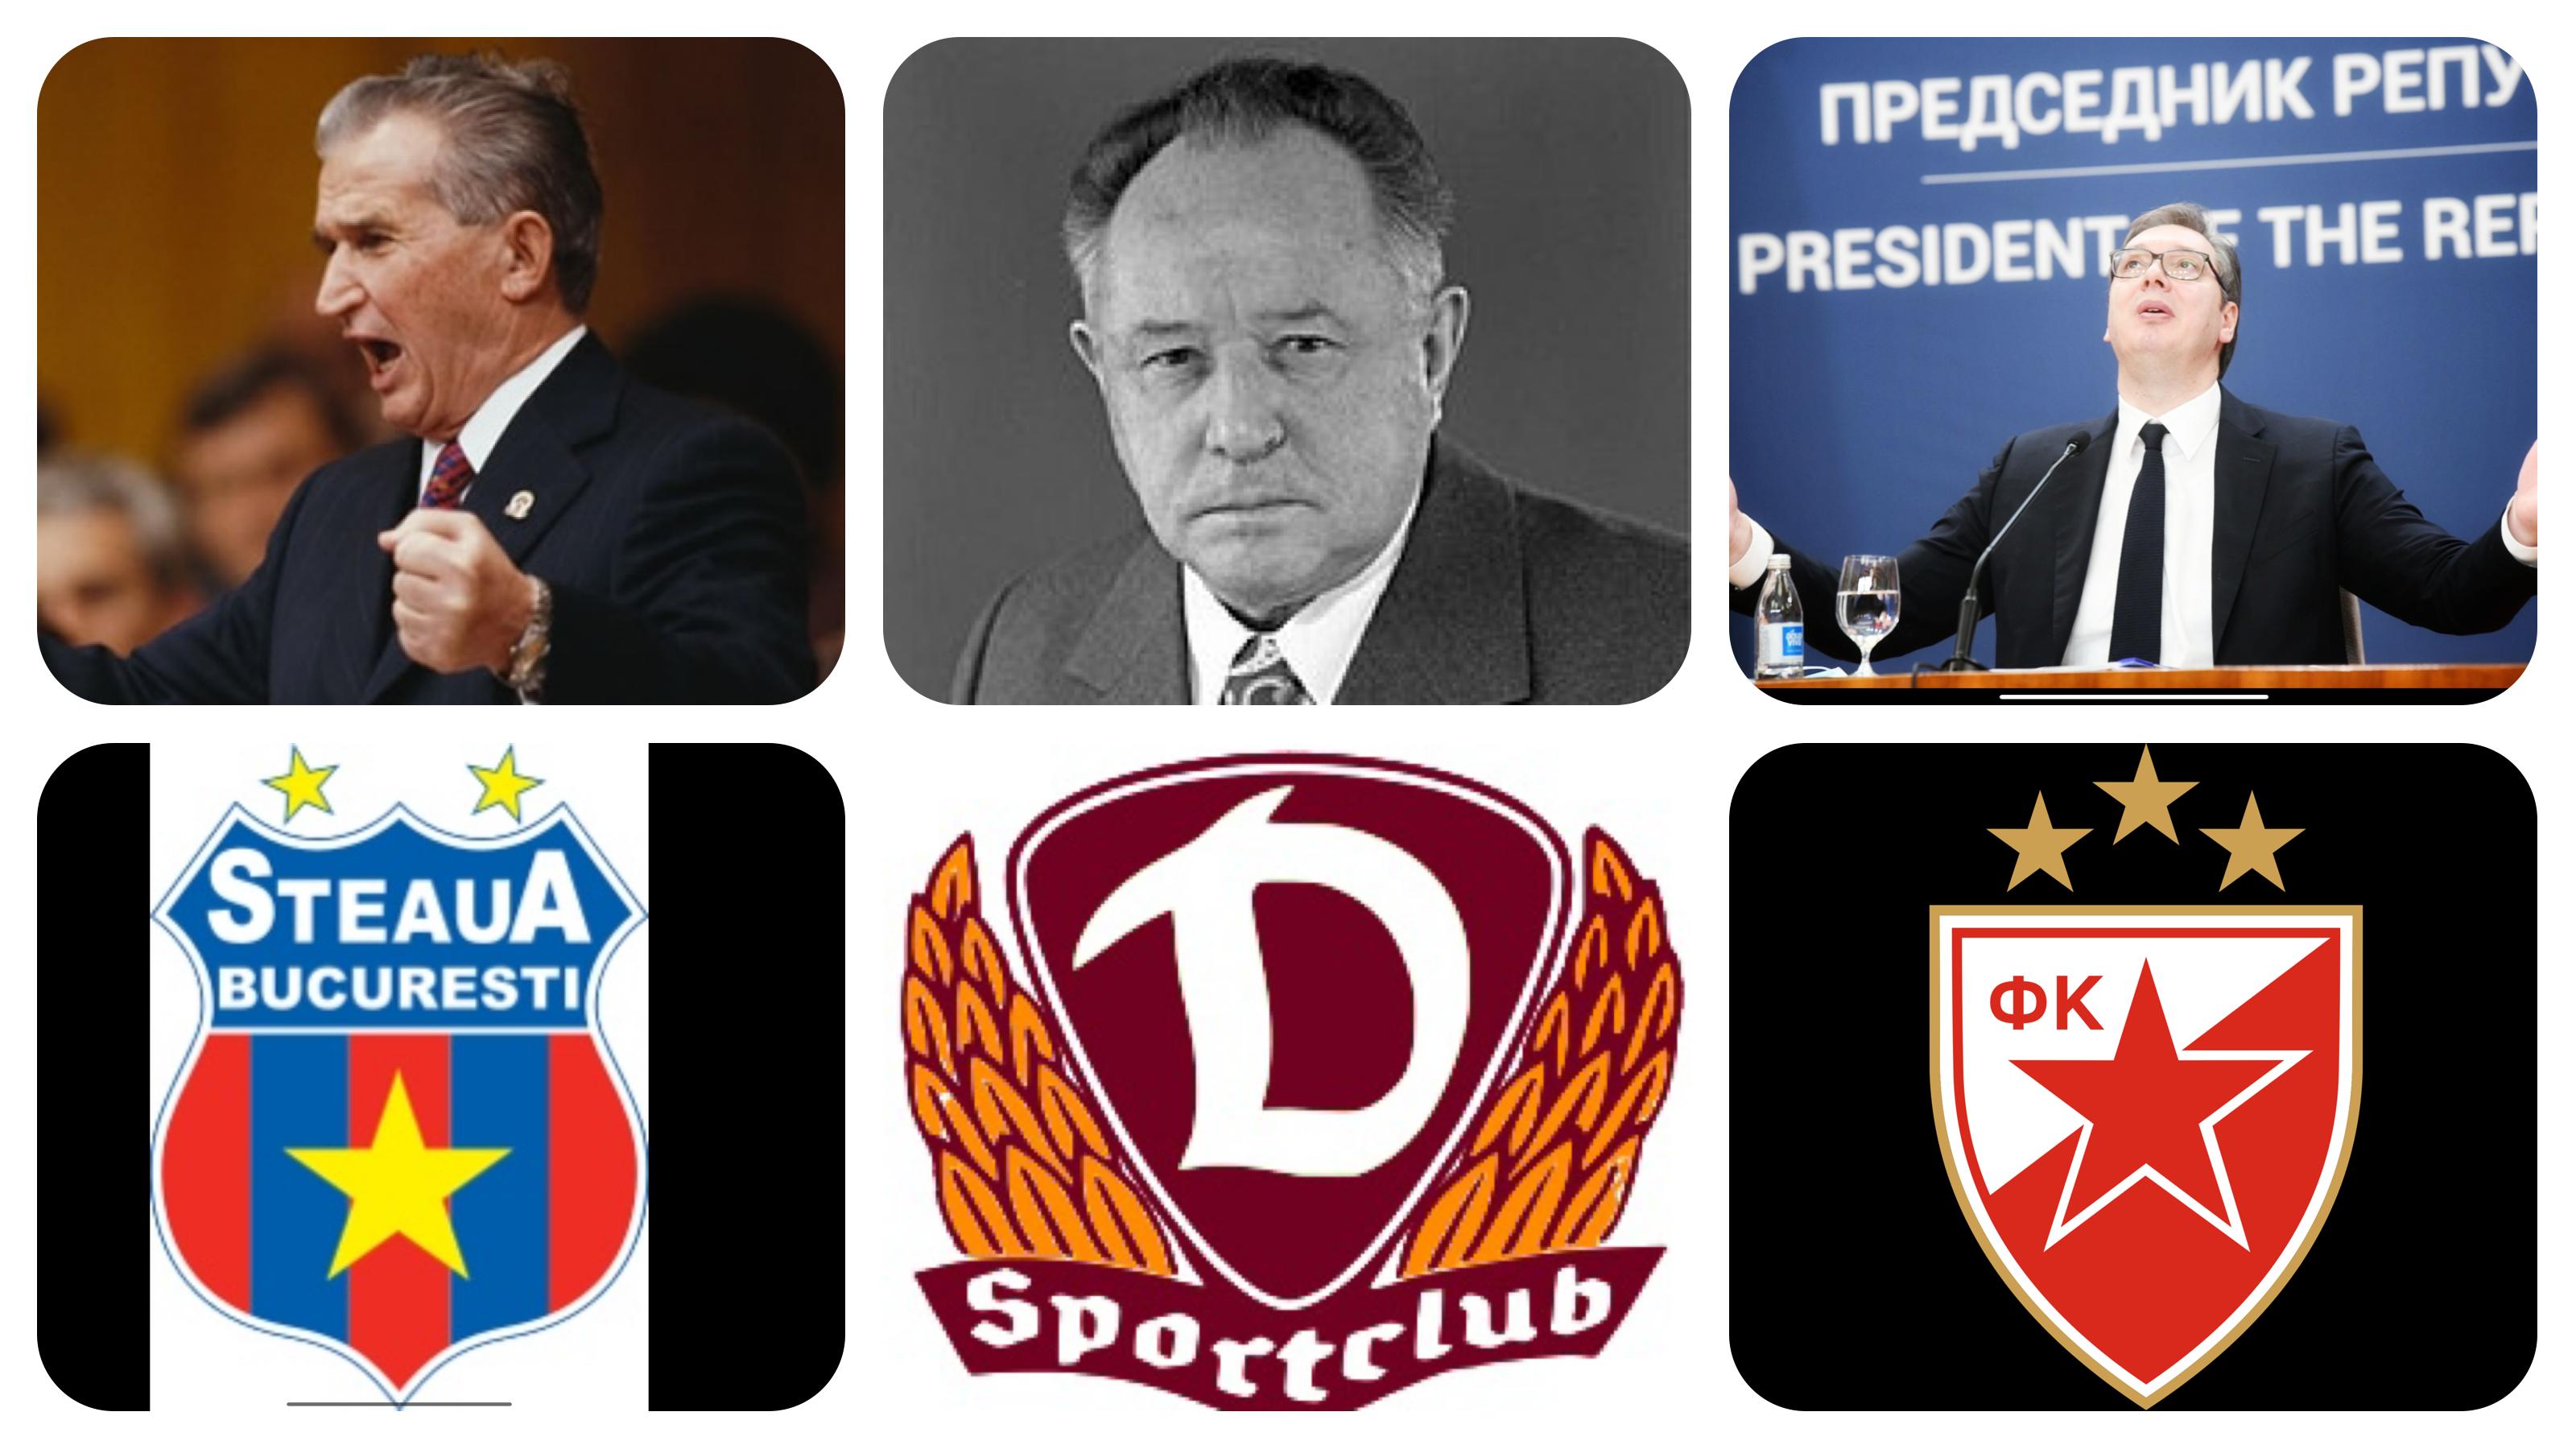 Vučićeva Crvena zvezda dominantnija od Milkeovog Dinamo Berlina i Čaušeskuove Steaue